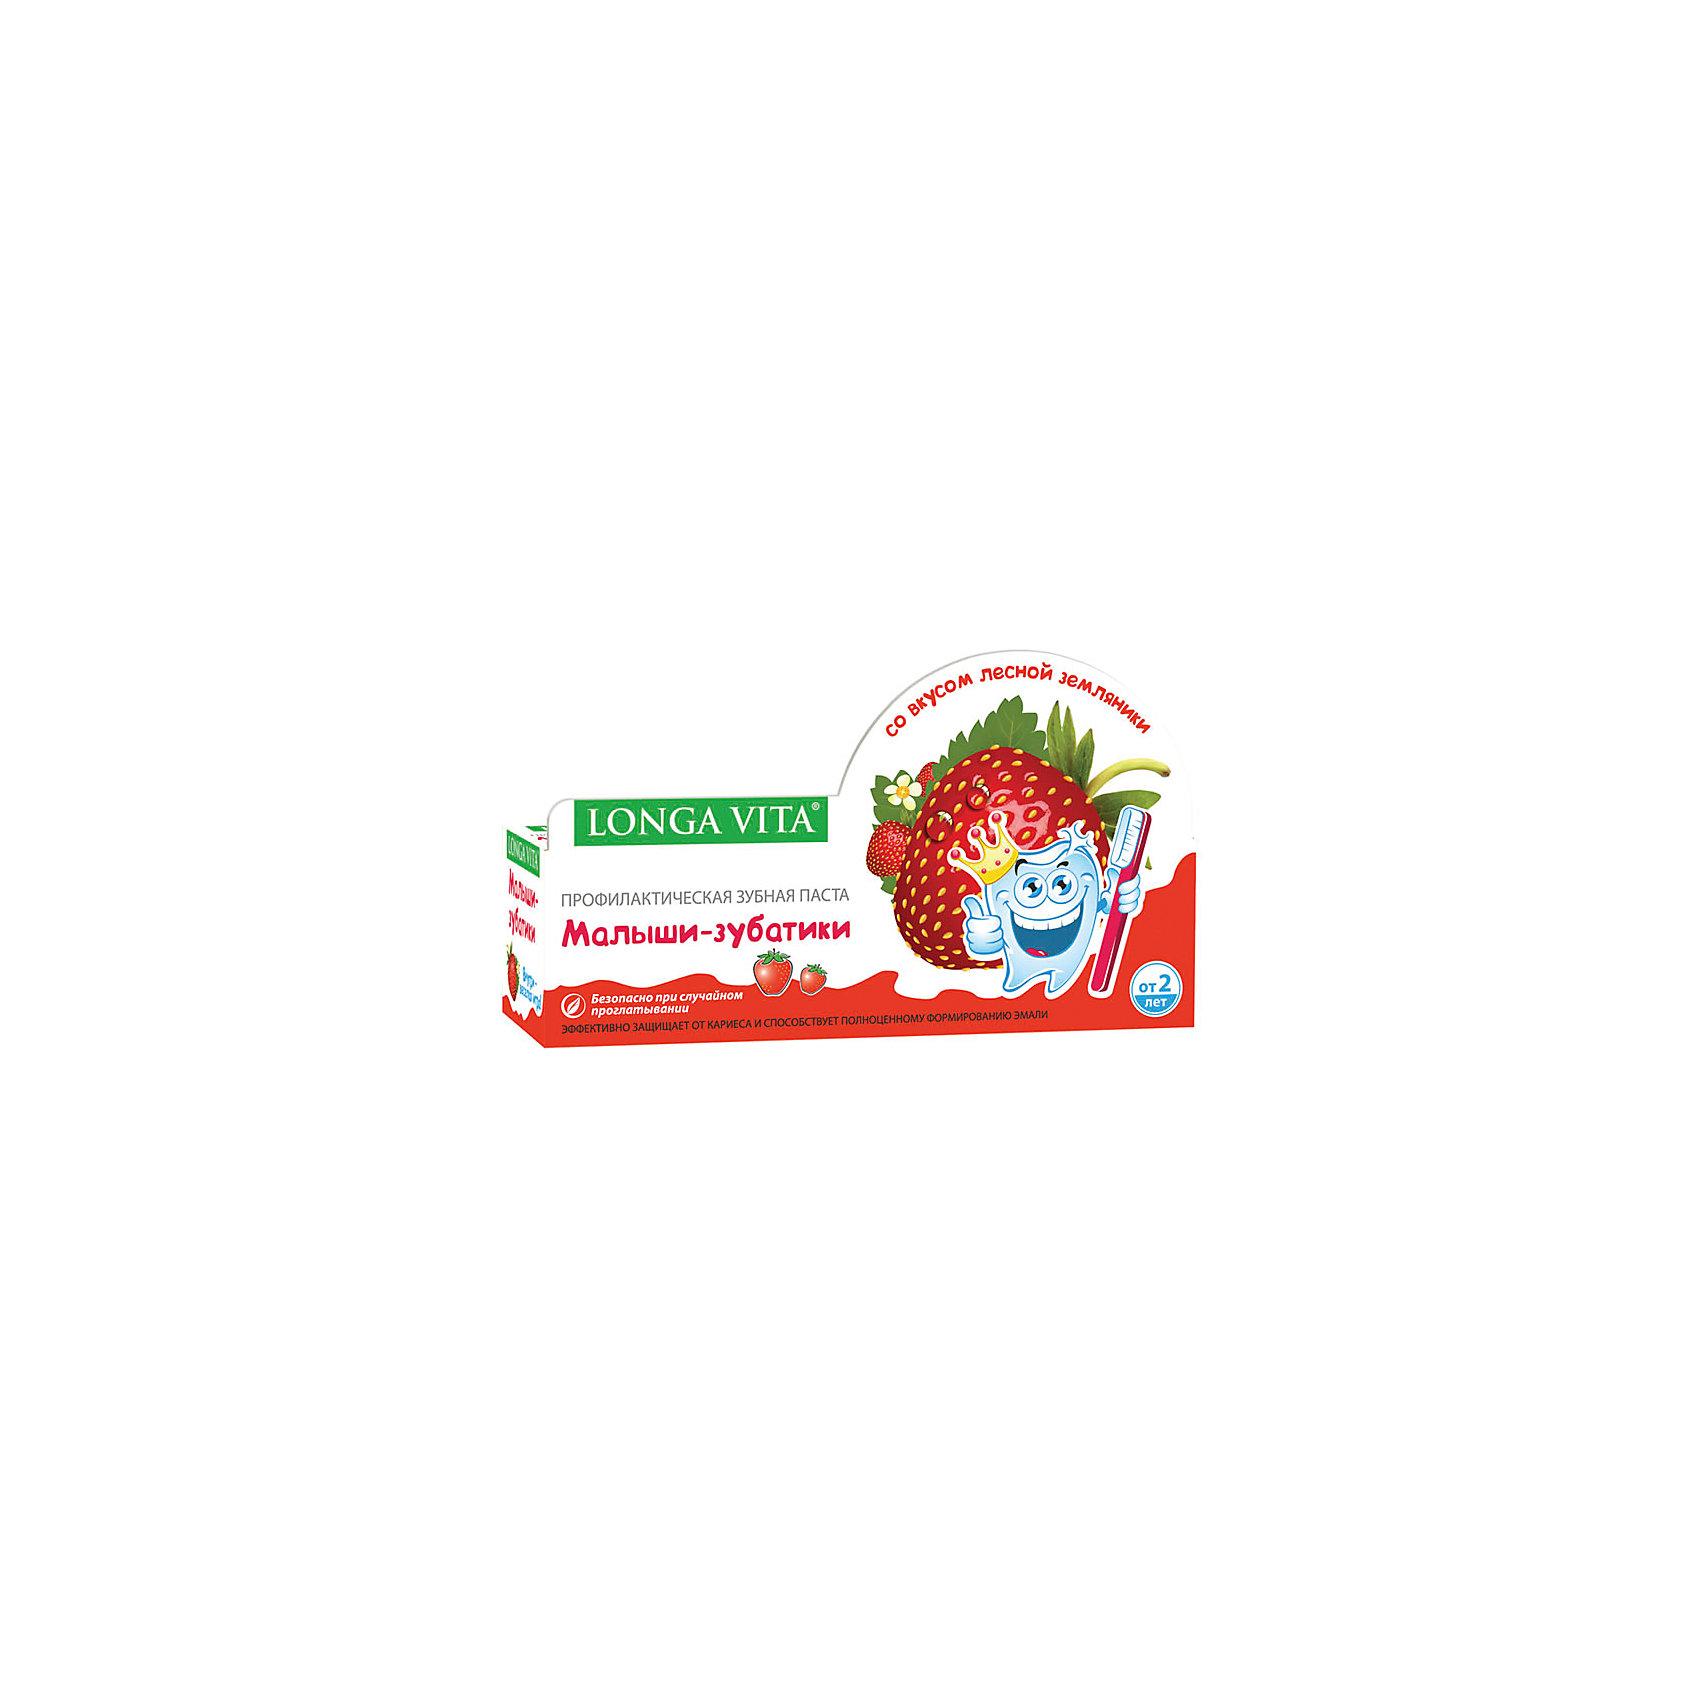 Детская зубная паста Малыши-зубатики (лесная земляника), от 2-х лет, LONGA VITAЗубные пасты<br>Профилактическая зубная паста используется для бережной очистки молочных зубов от налета и остатков пищи. Регулярное использование зубной пасты способствует формированию эмали. Зубная паста с защитой от кариеса предназначена для детей старше 2-х лет. Безопасна при случайном проглатывании. <br><br>Дополнительная информация:<br><br>Со вкусом лесной земляники.<br>Объем: 67 мл<br>Зубная паста не содержит: SLS, фтор, сахар, парабены, триклозан.<br><br>Детскую зубную пасту Малыши-зубатики (лесная земляника), от 2-х лет, LONGA VITA можно купить в нашем интернет-магазине.<br><br>Ширина мм: 300<br>Глубина мм: 100<br>Высота мм: 50<br>Вес г: 100<br>Возраст от месяцев: 24<br>Возраст до месяцев: 2147483647<br>Пол: Унисекс<br>Возраст: Детский<br>SKU: 5008323